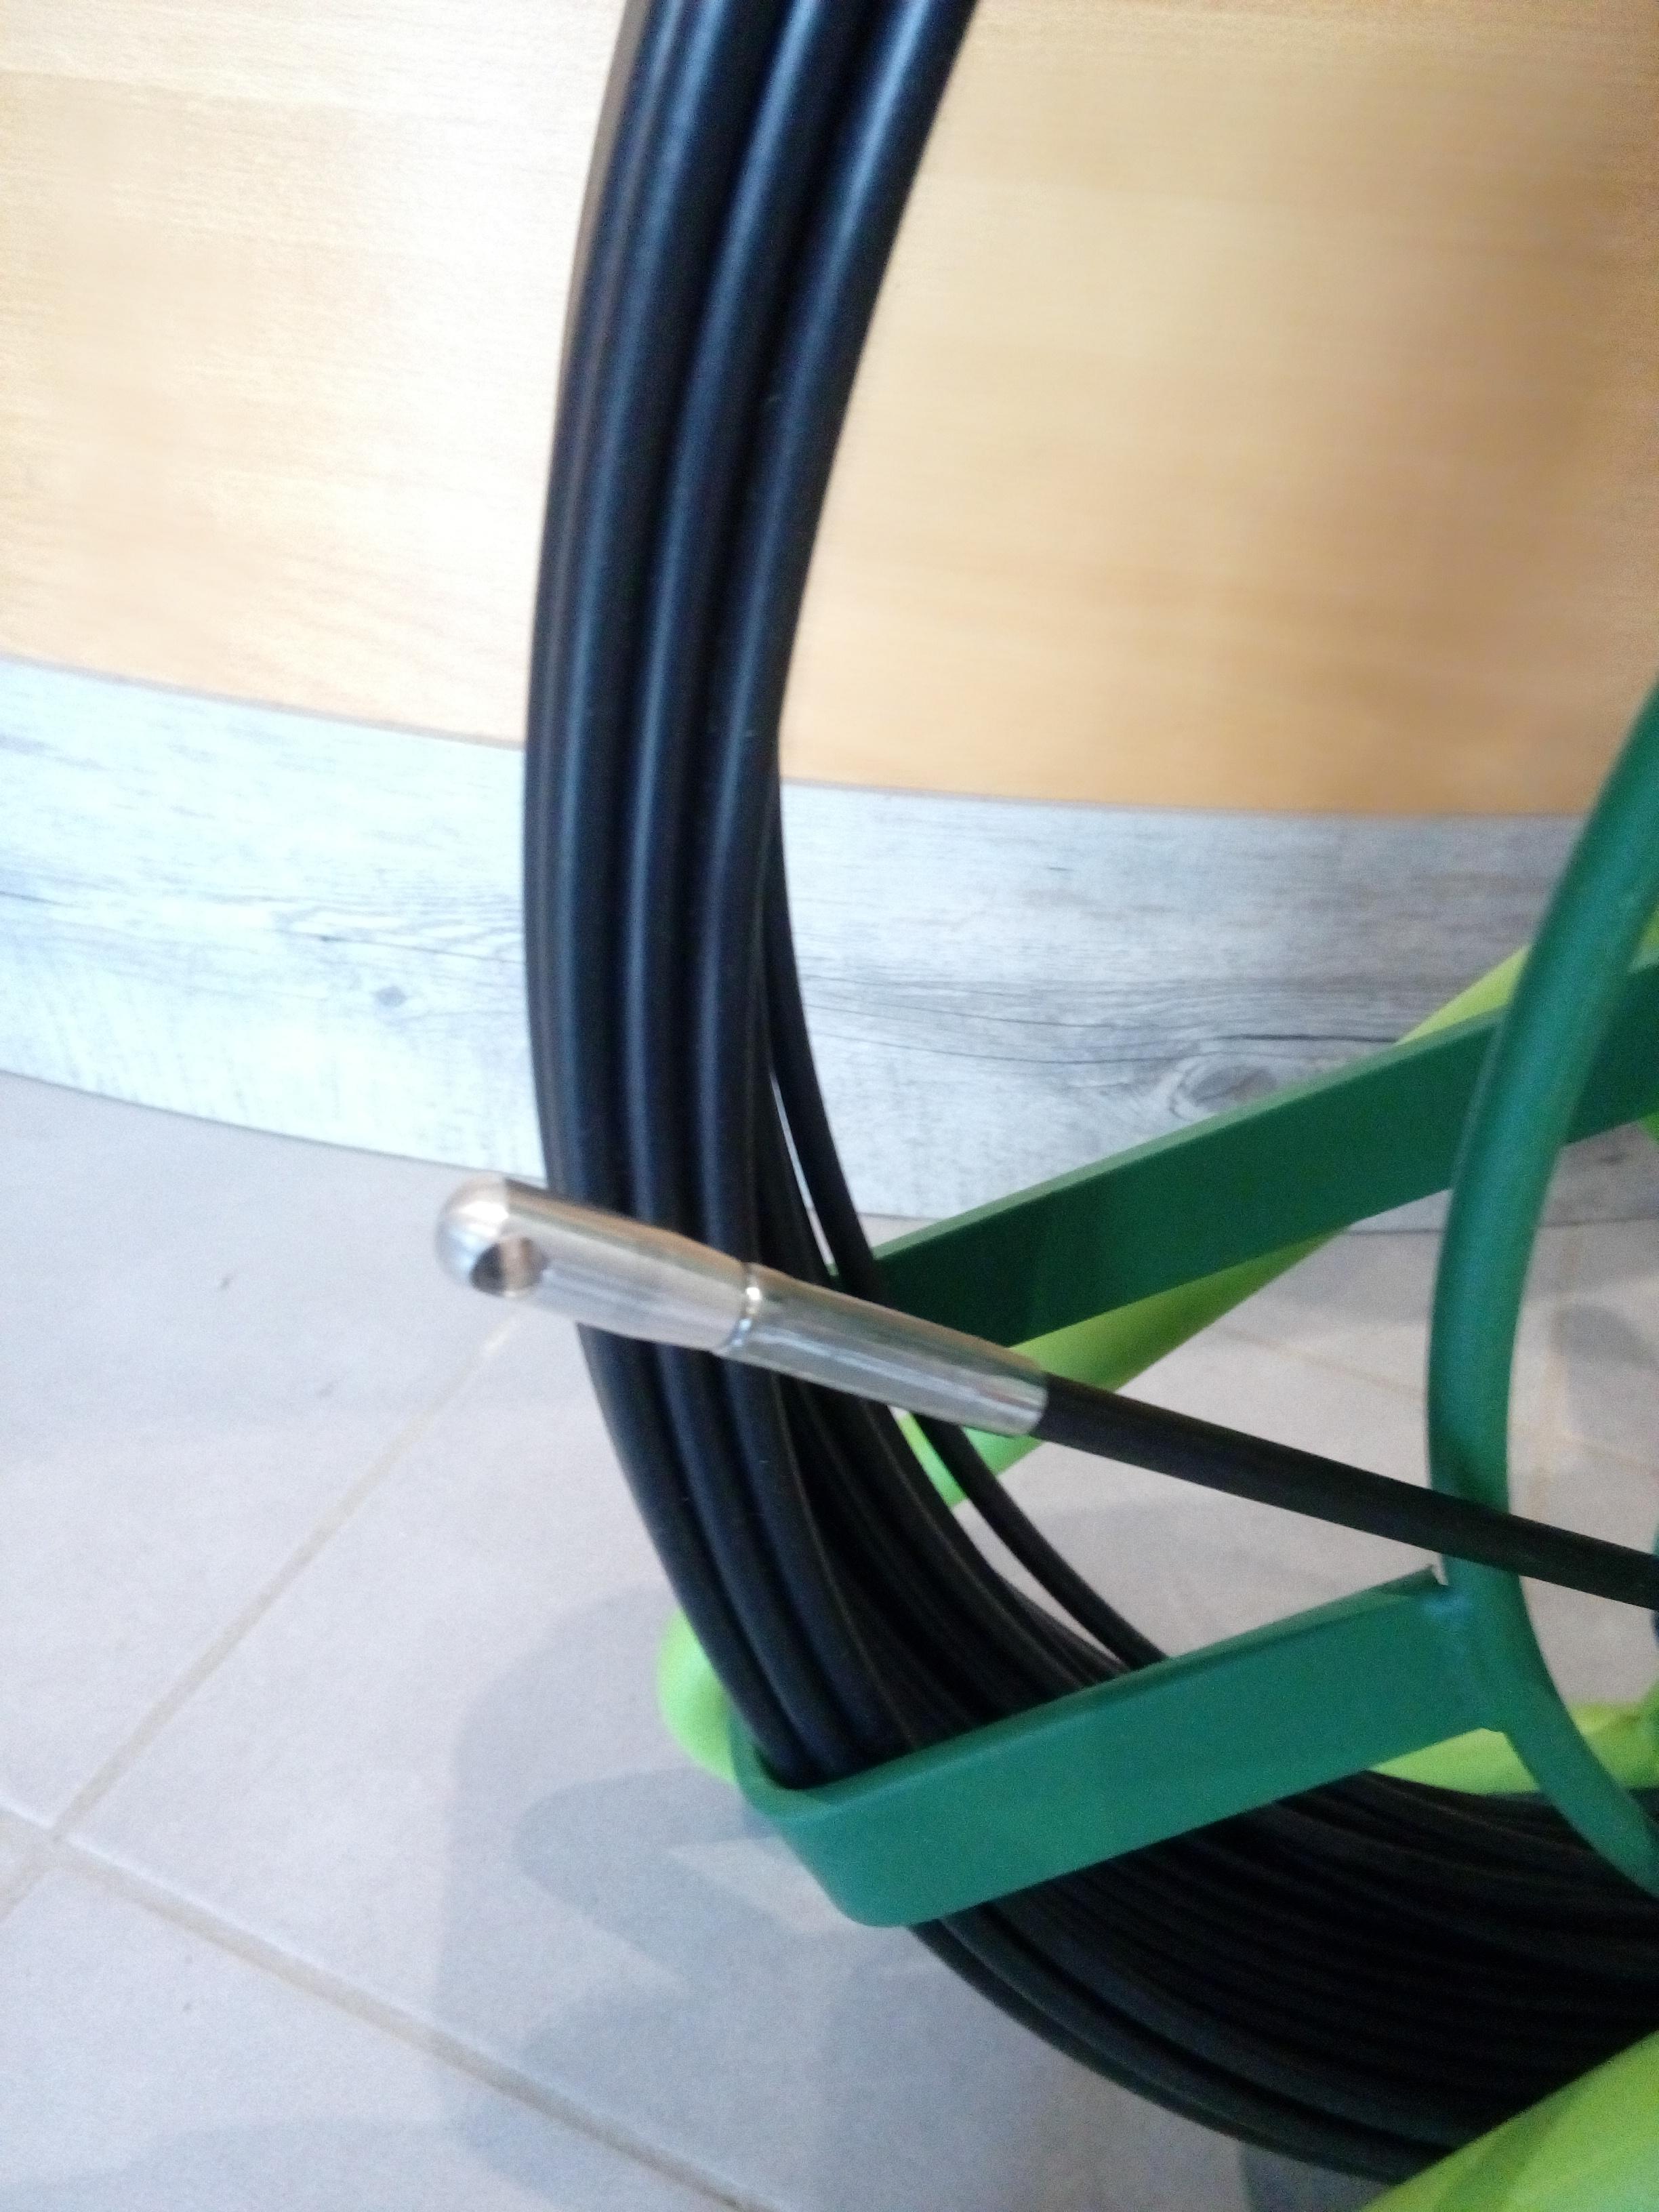 aiguille d lectricien 60m 6mm fibre de verre. Black Bedroom Furniture Sets. Home Design Ideas